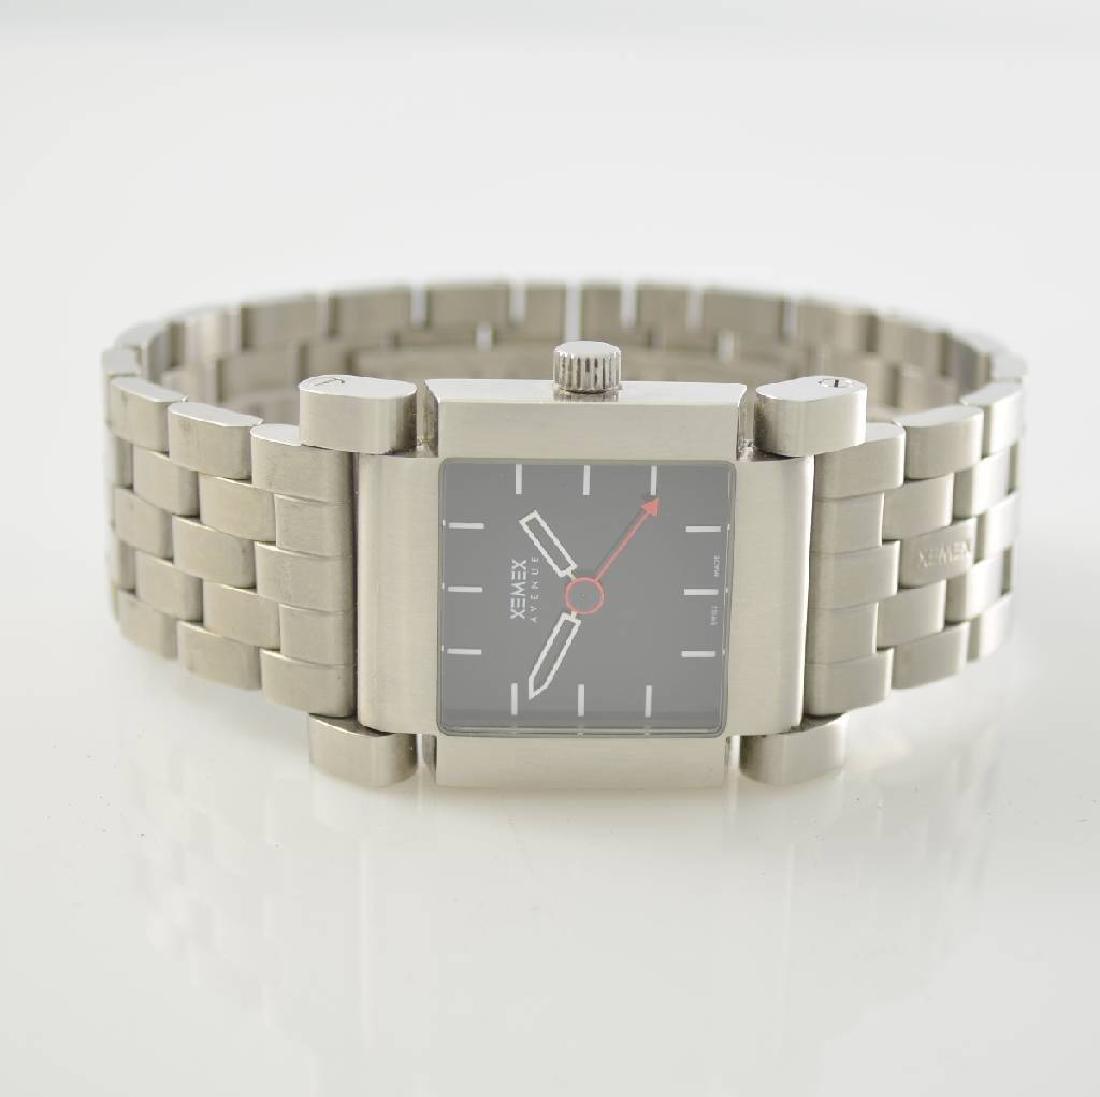 XEMEX wristwatch in Külling design